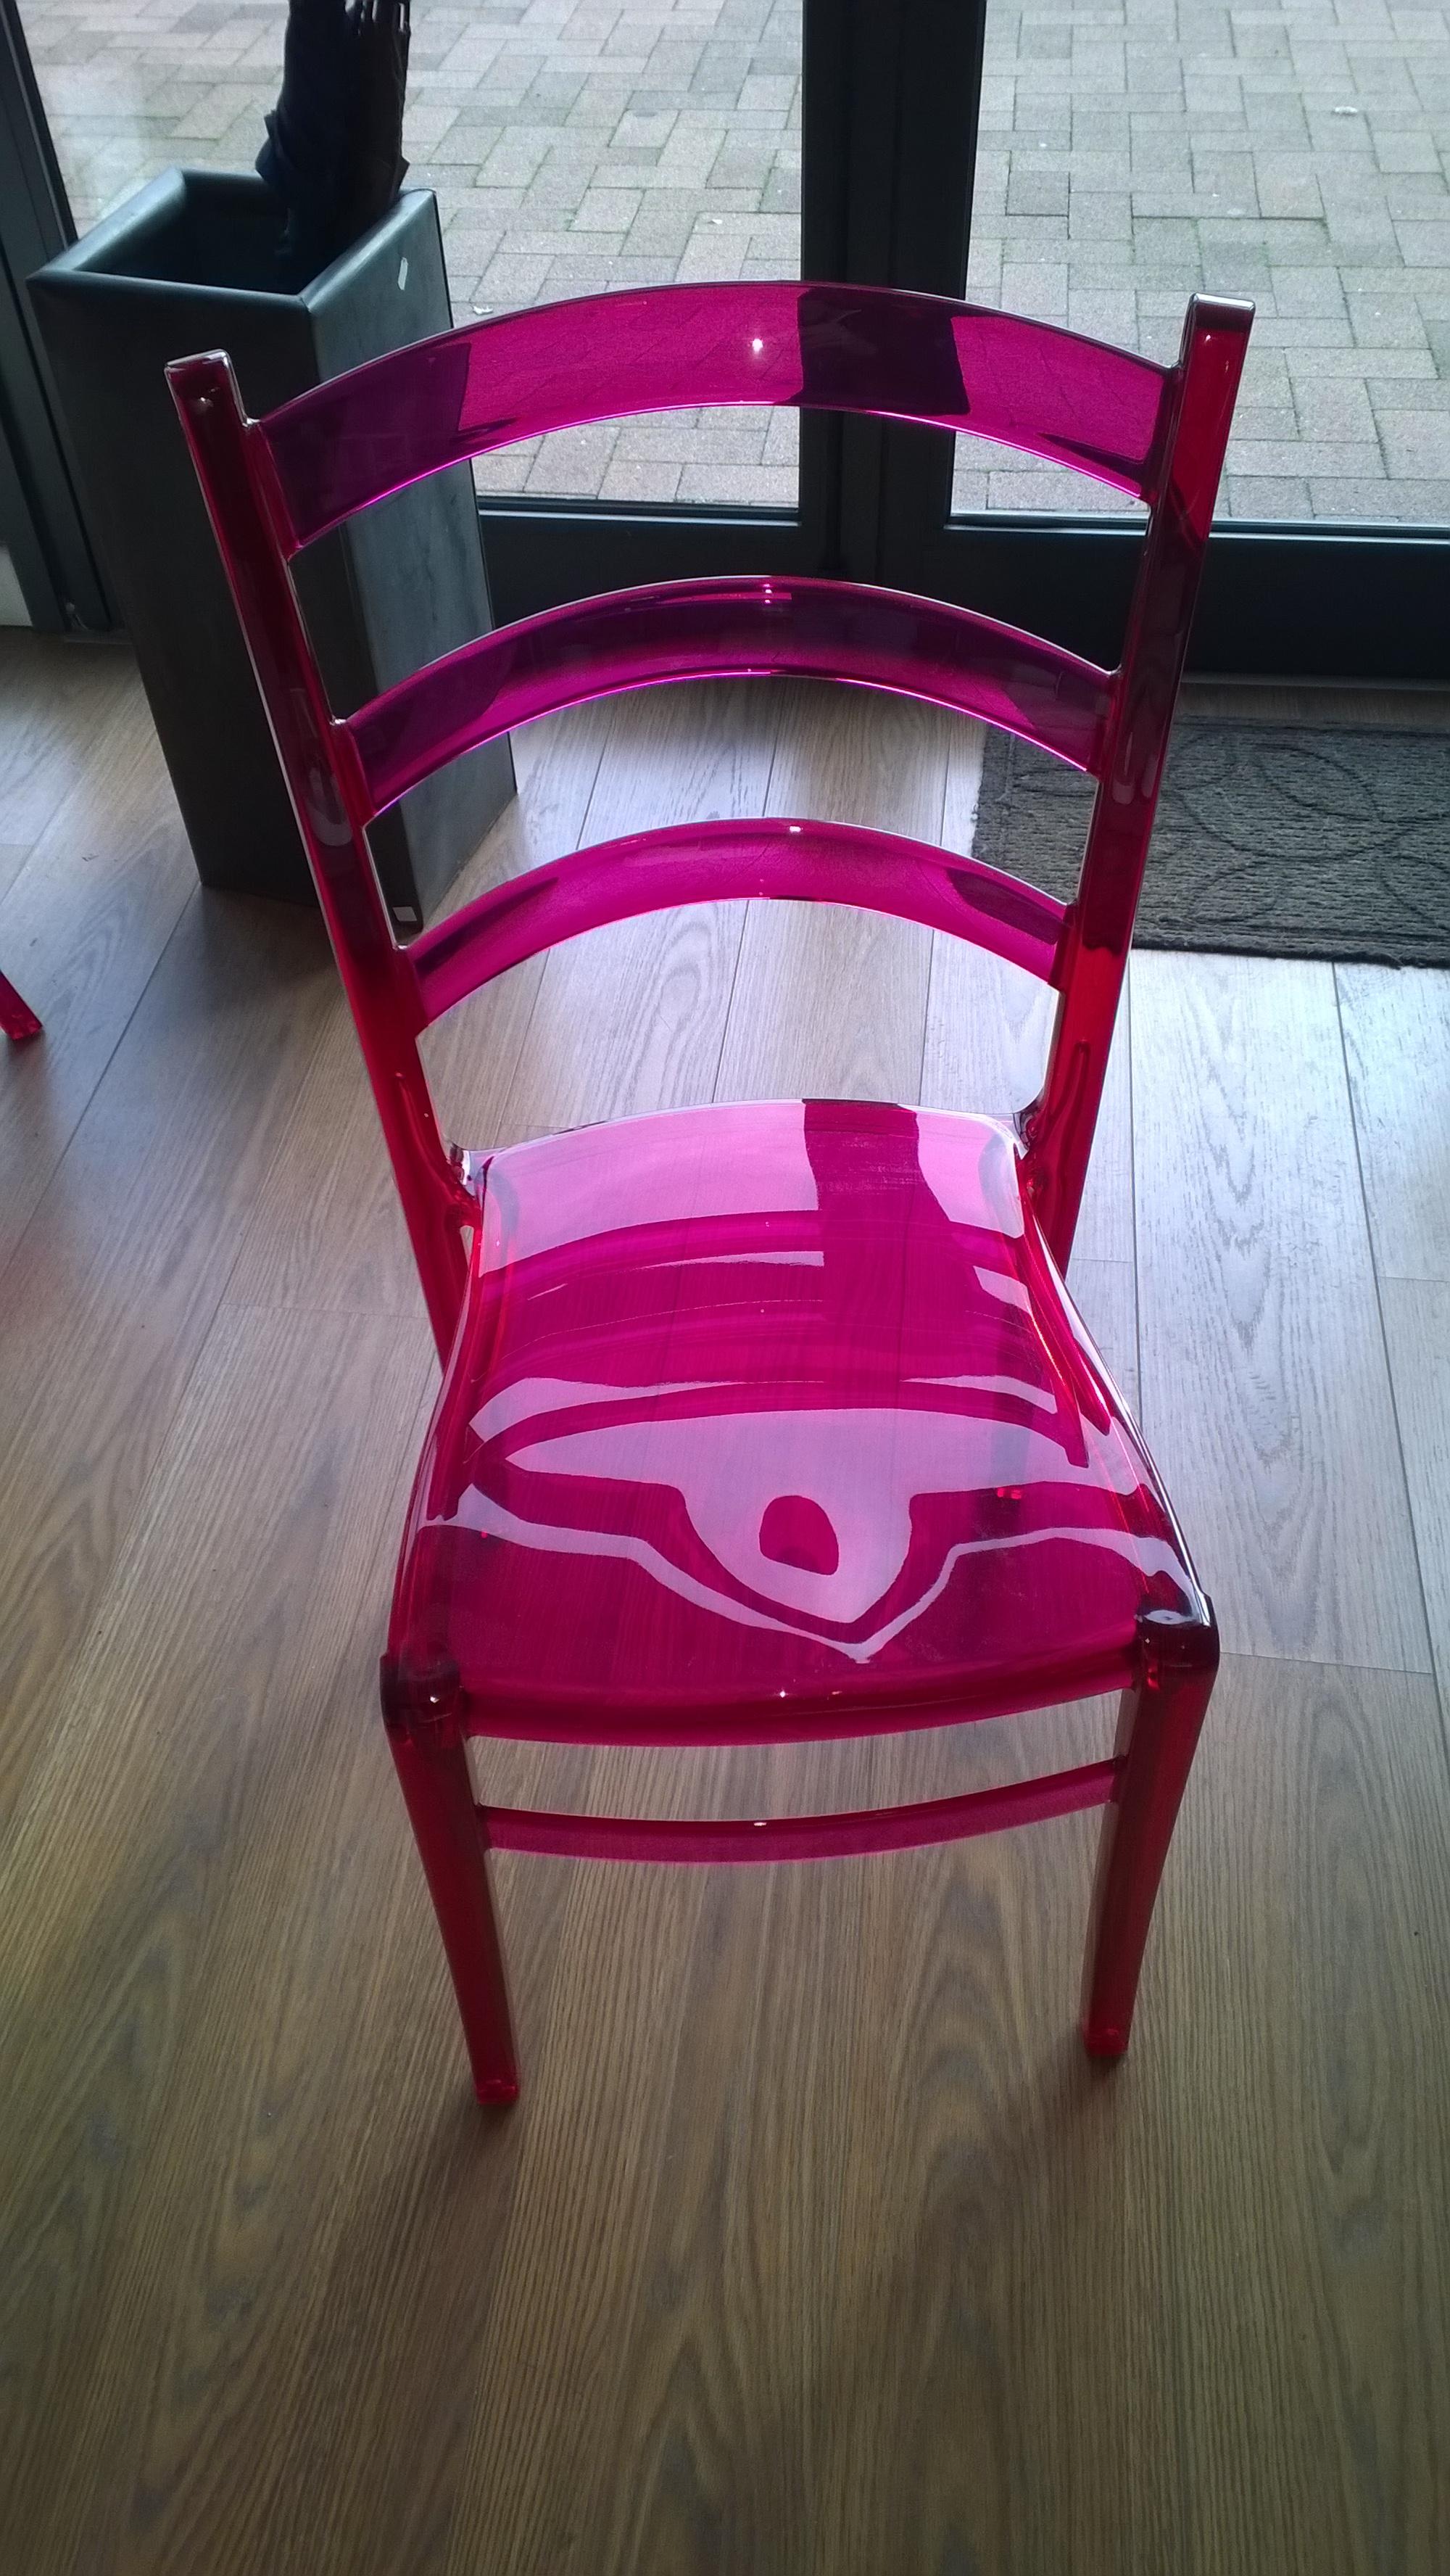 Promo sedia colico milano sedie a prezzi scontati for Colico sedie outlet